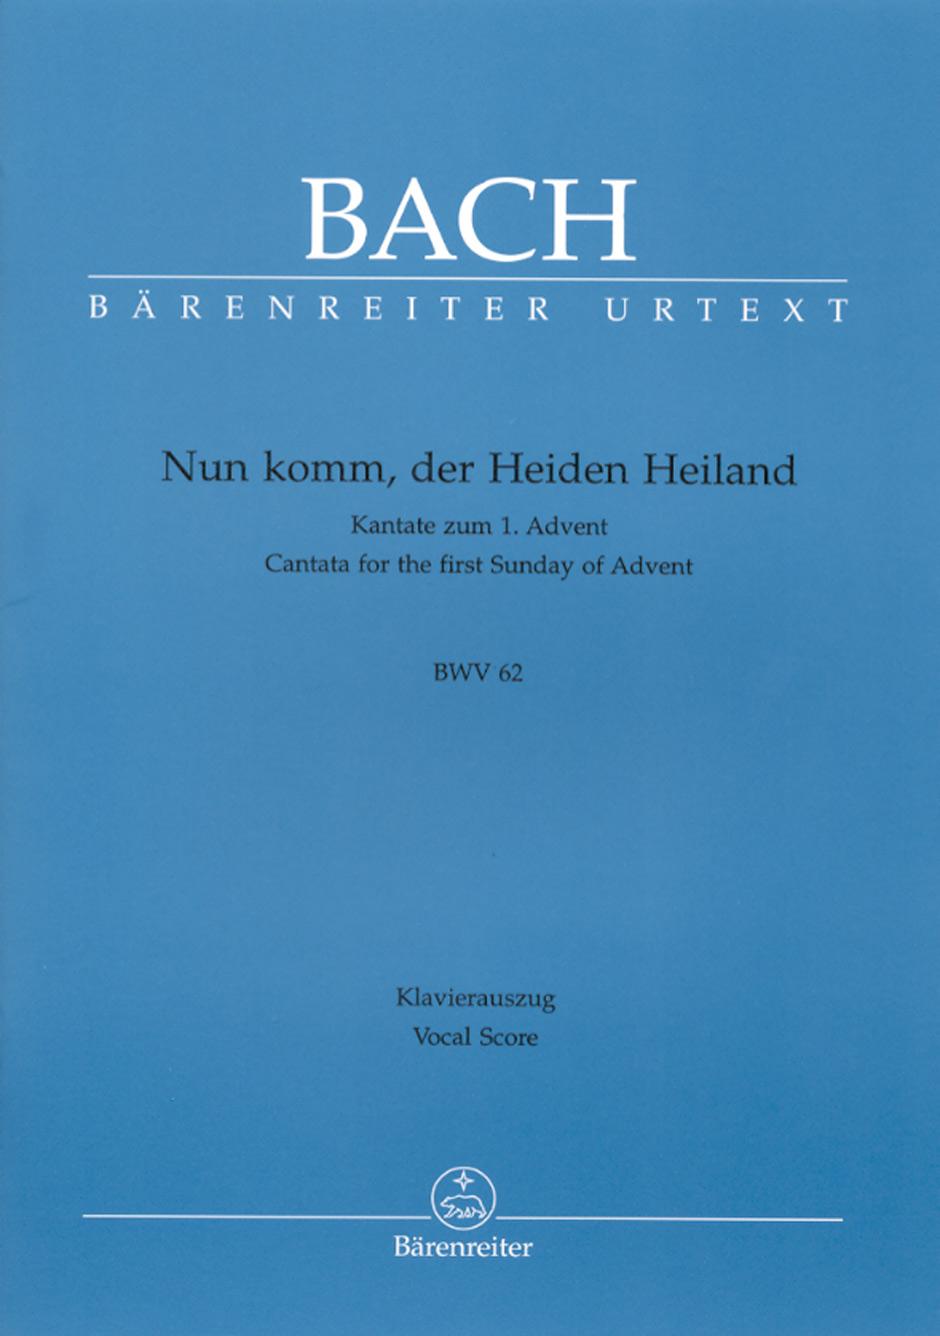 Nun komm, der Heiden Heiland BWV62.